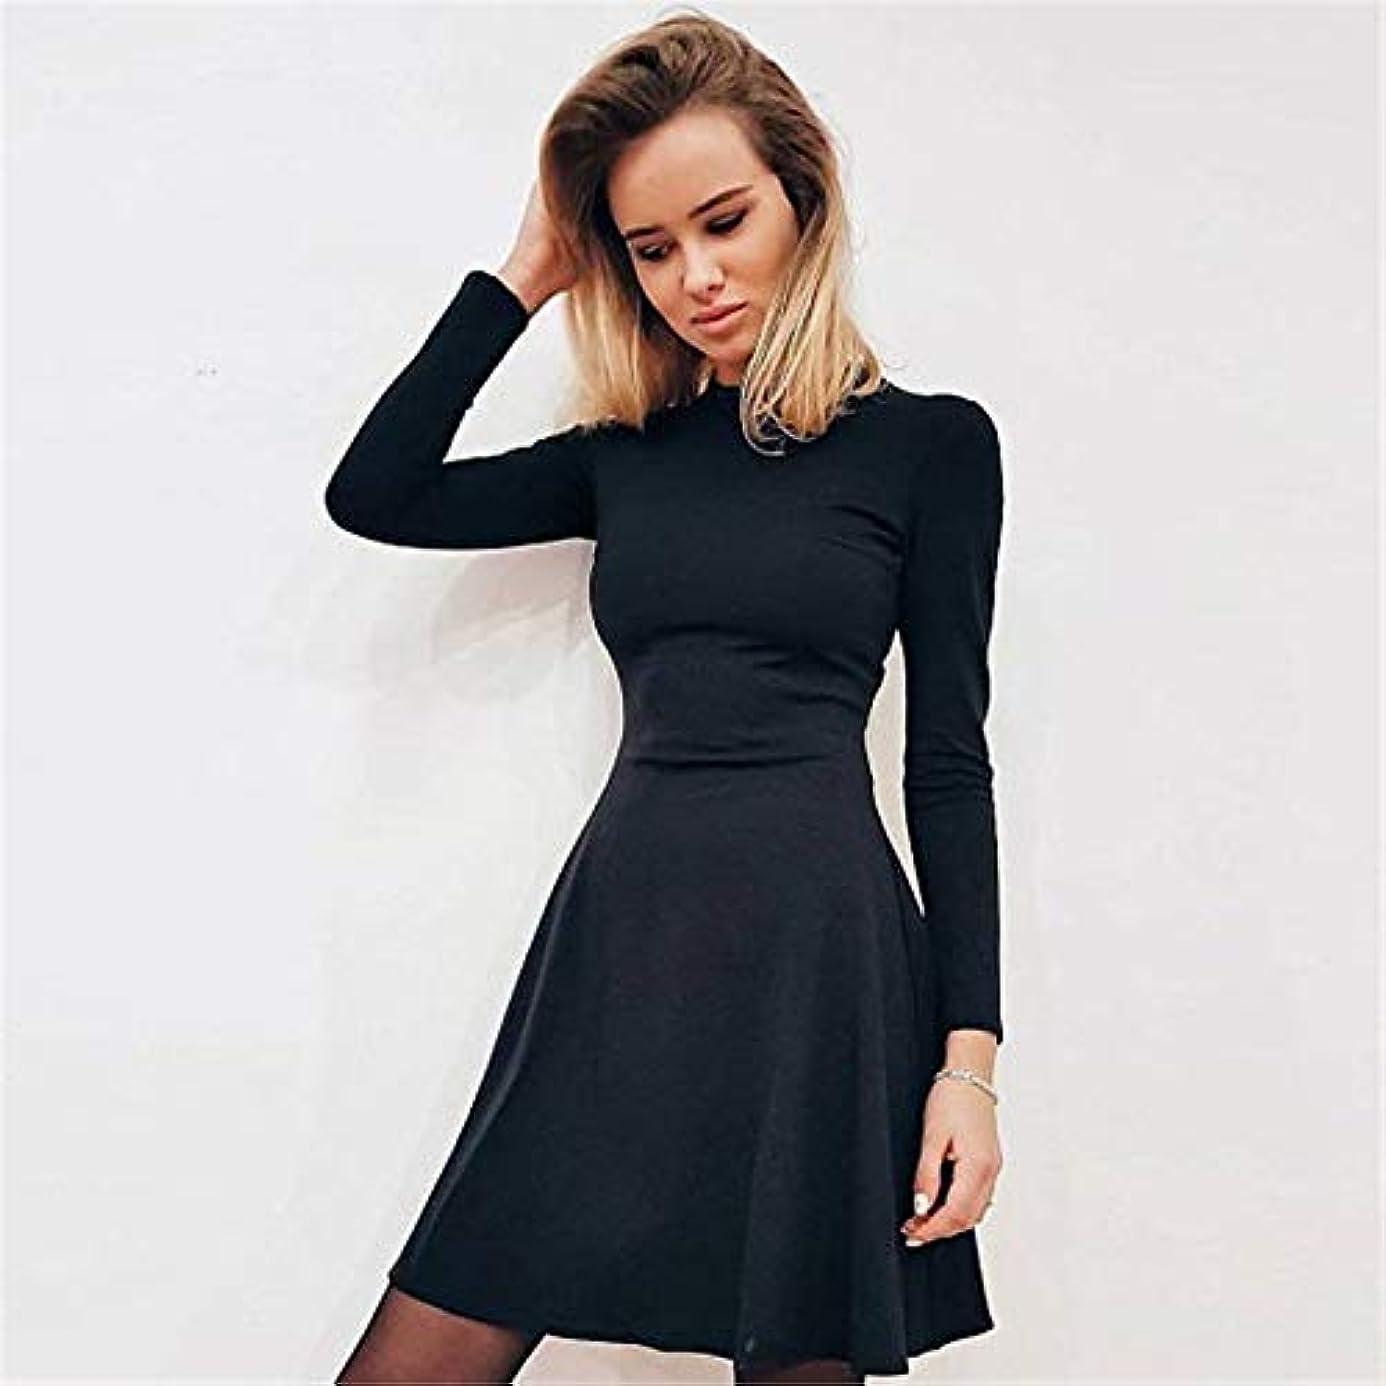 ひいきにする曖昧な光Maxcrestas - 秋と冬の新しい女性の長袖タイトフィットドレスの秋と冬のスリムでエレガントな品質のミニドレス